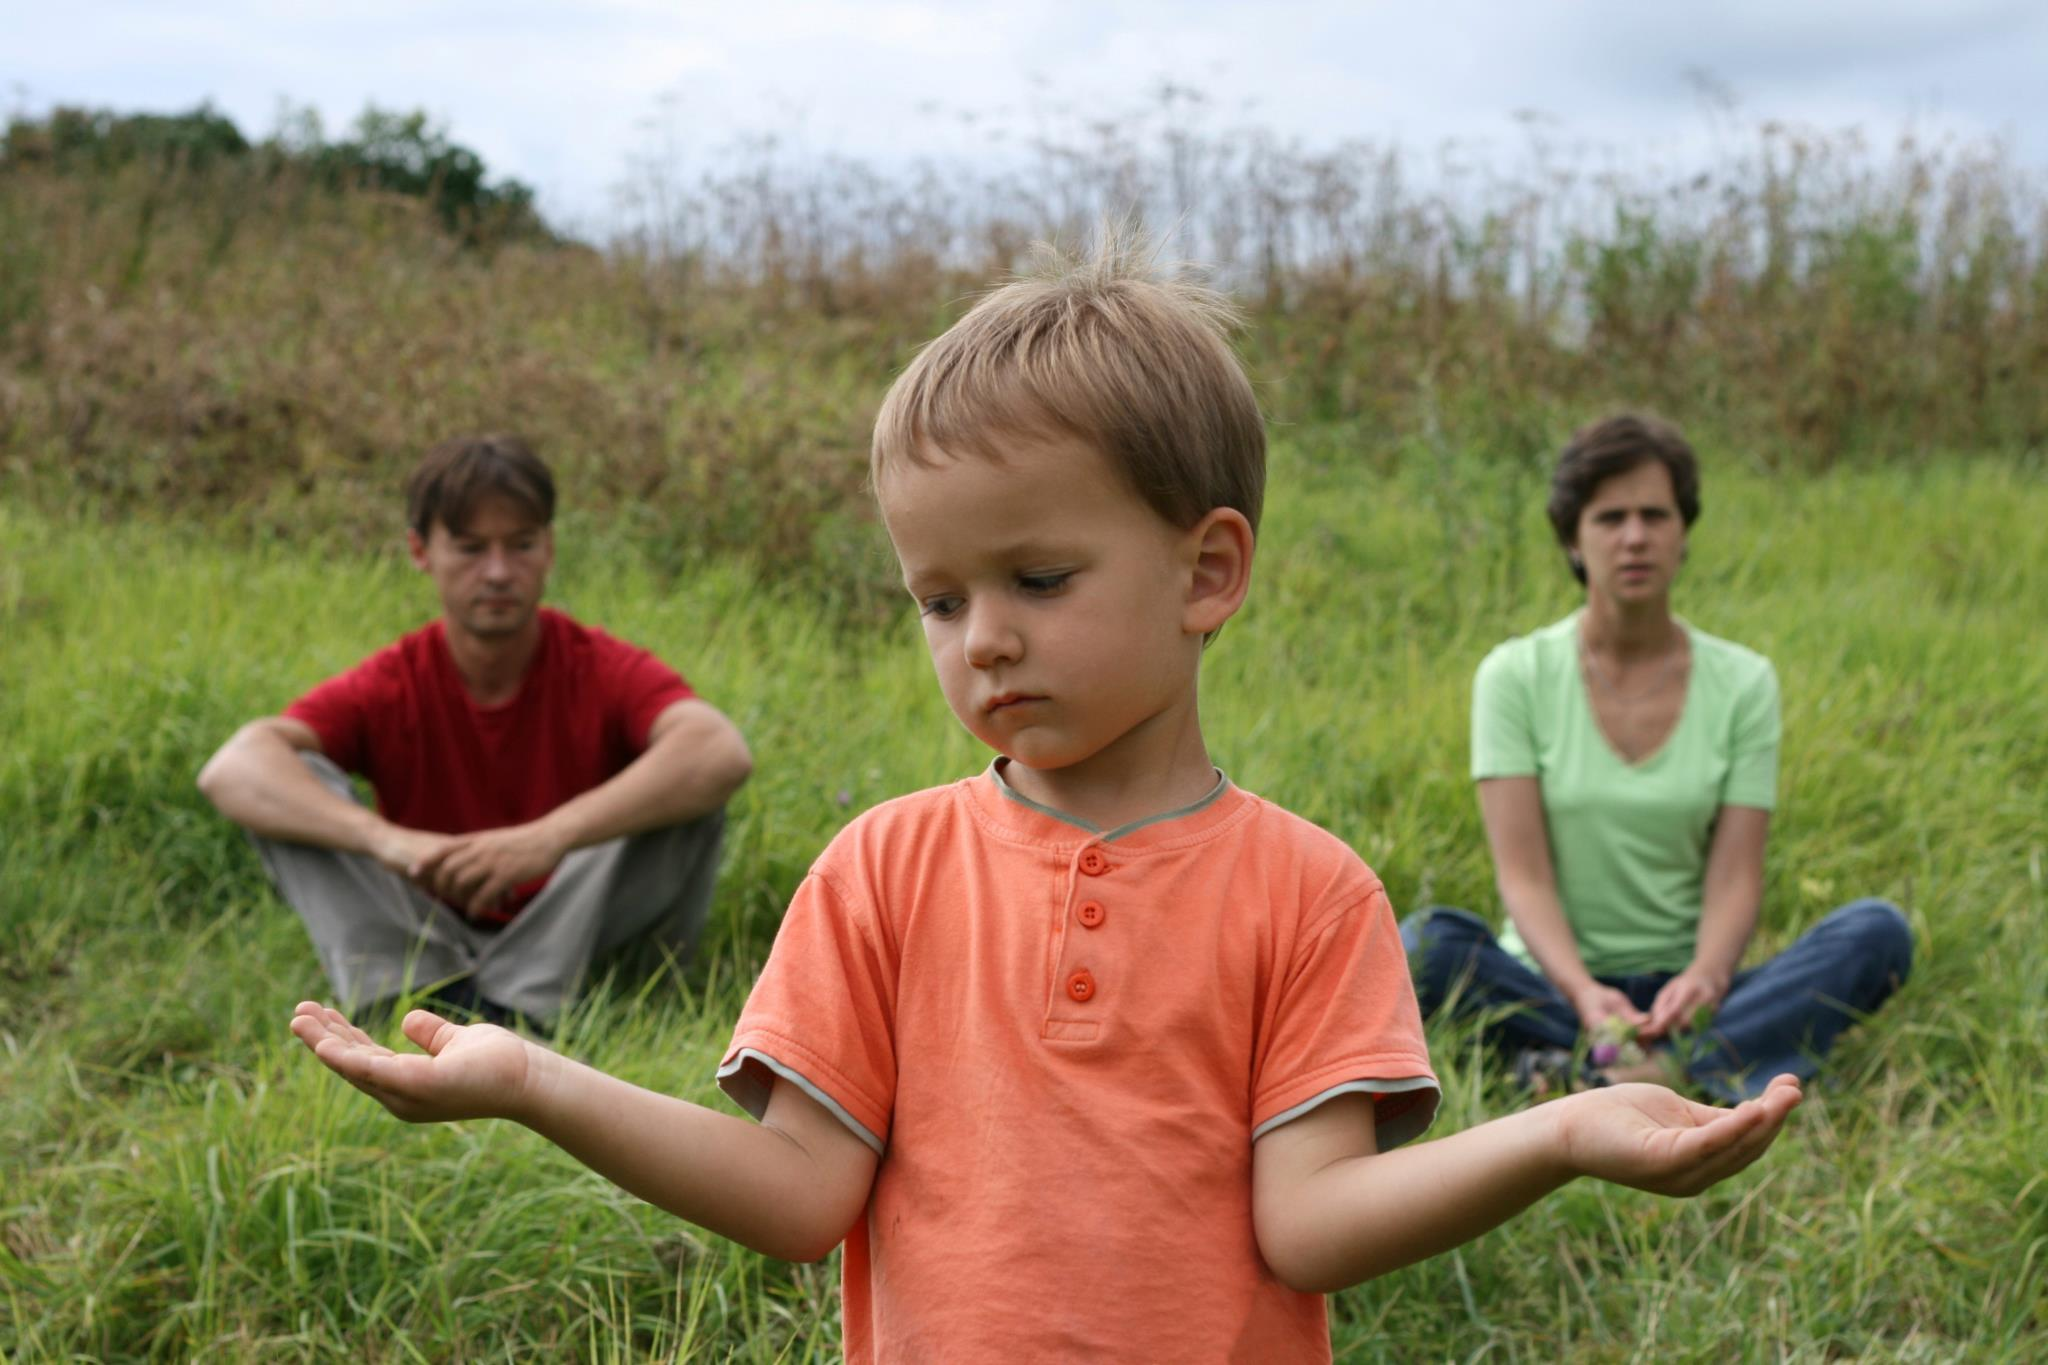 Mantenimento dei figli: può sostituirsi con la proprietà di beni